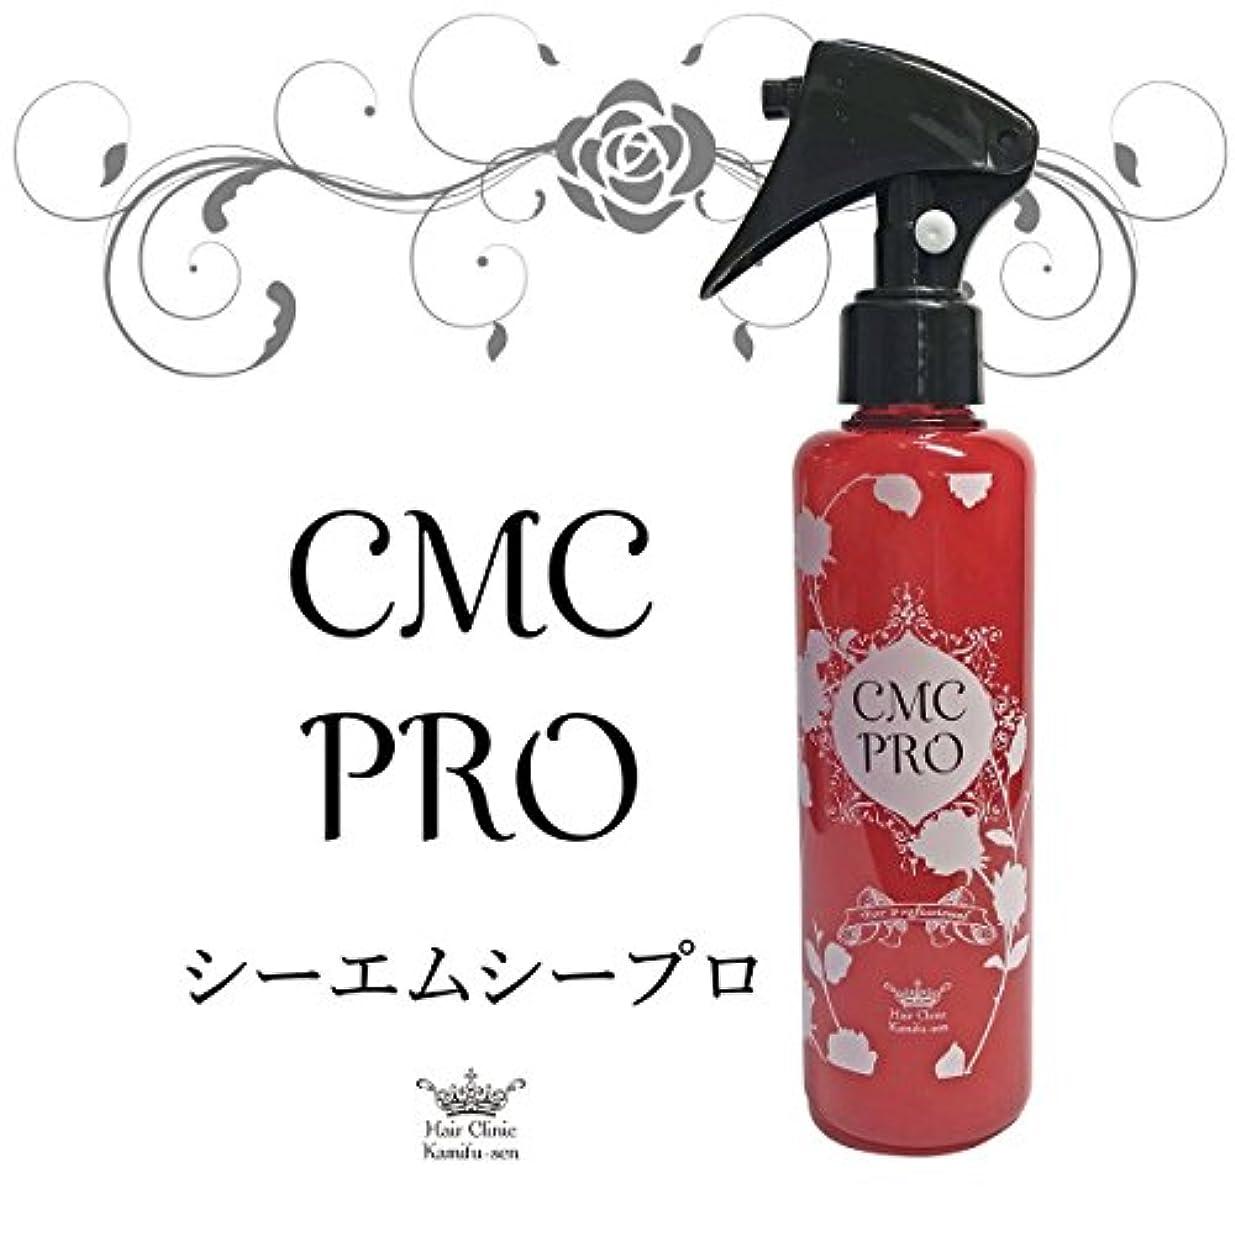 慎重に偽善者読書CMCプロ(200ml)(バサバサ髪もしっとり髪へ、ビビリ毛修正に最適)